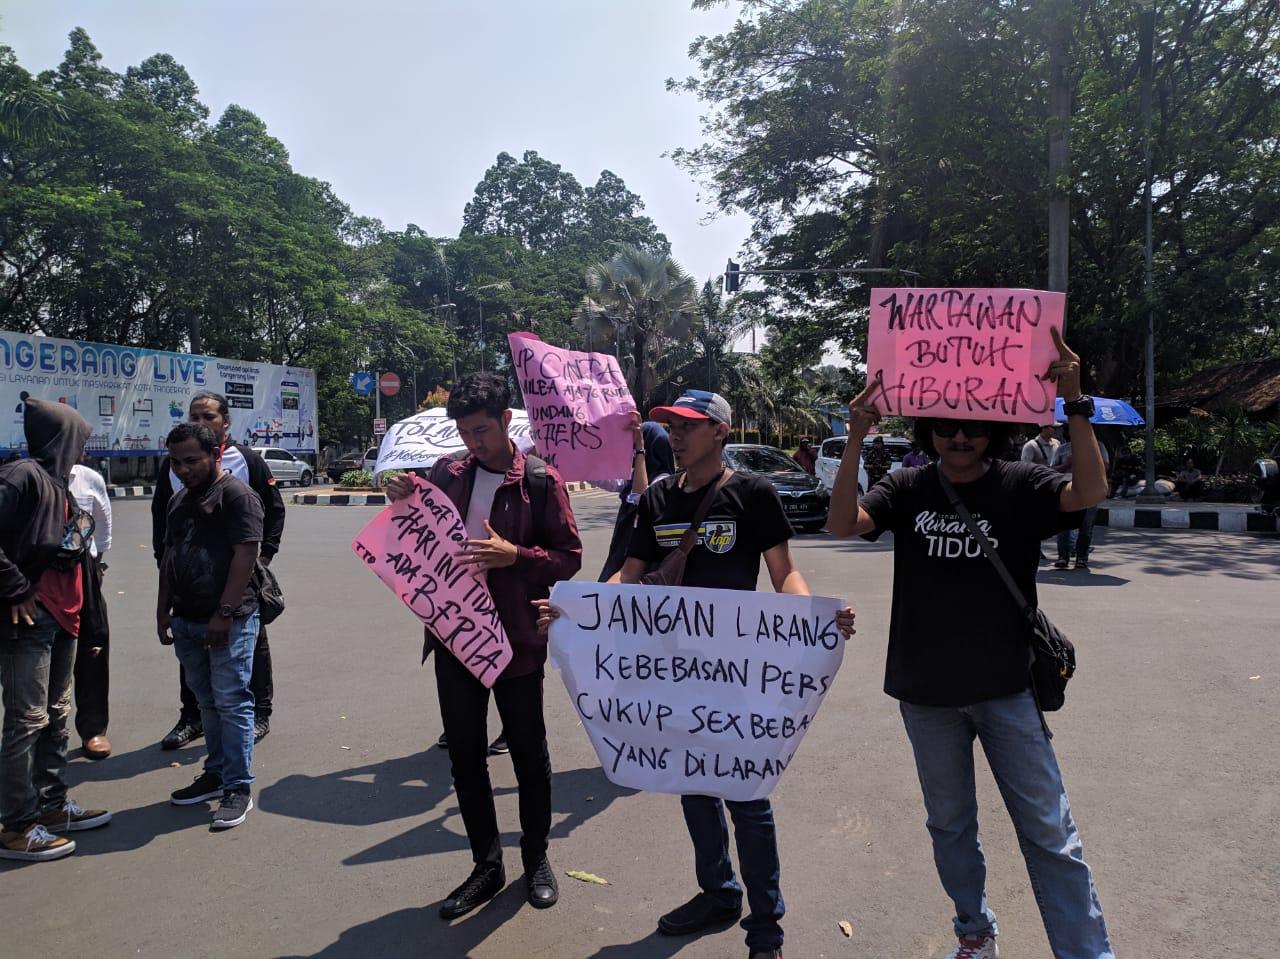 Tolak RKUHP, Wartawan di Kota Tangerang Gelar Unjuk Rasa